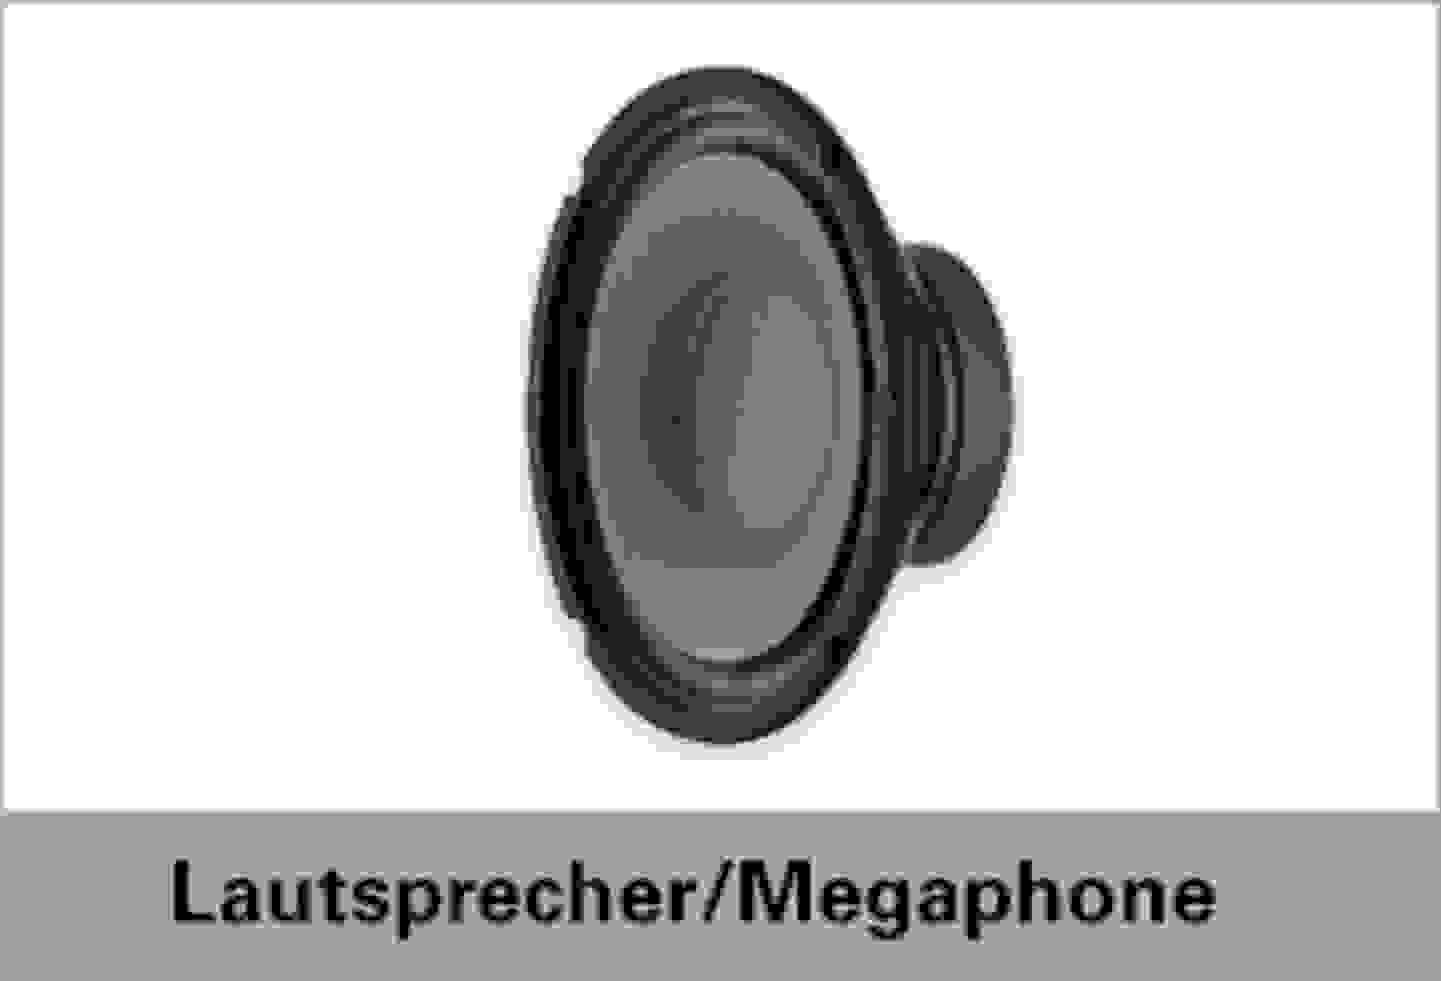 Speaka Professional Lautsprecher/Megaphone